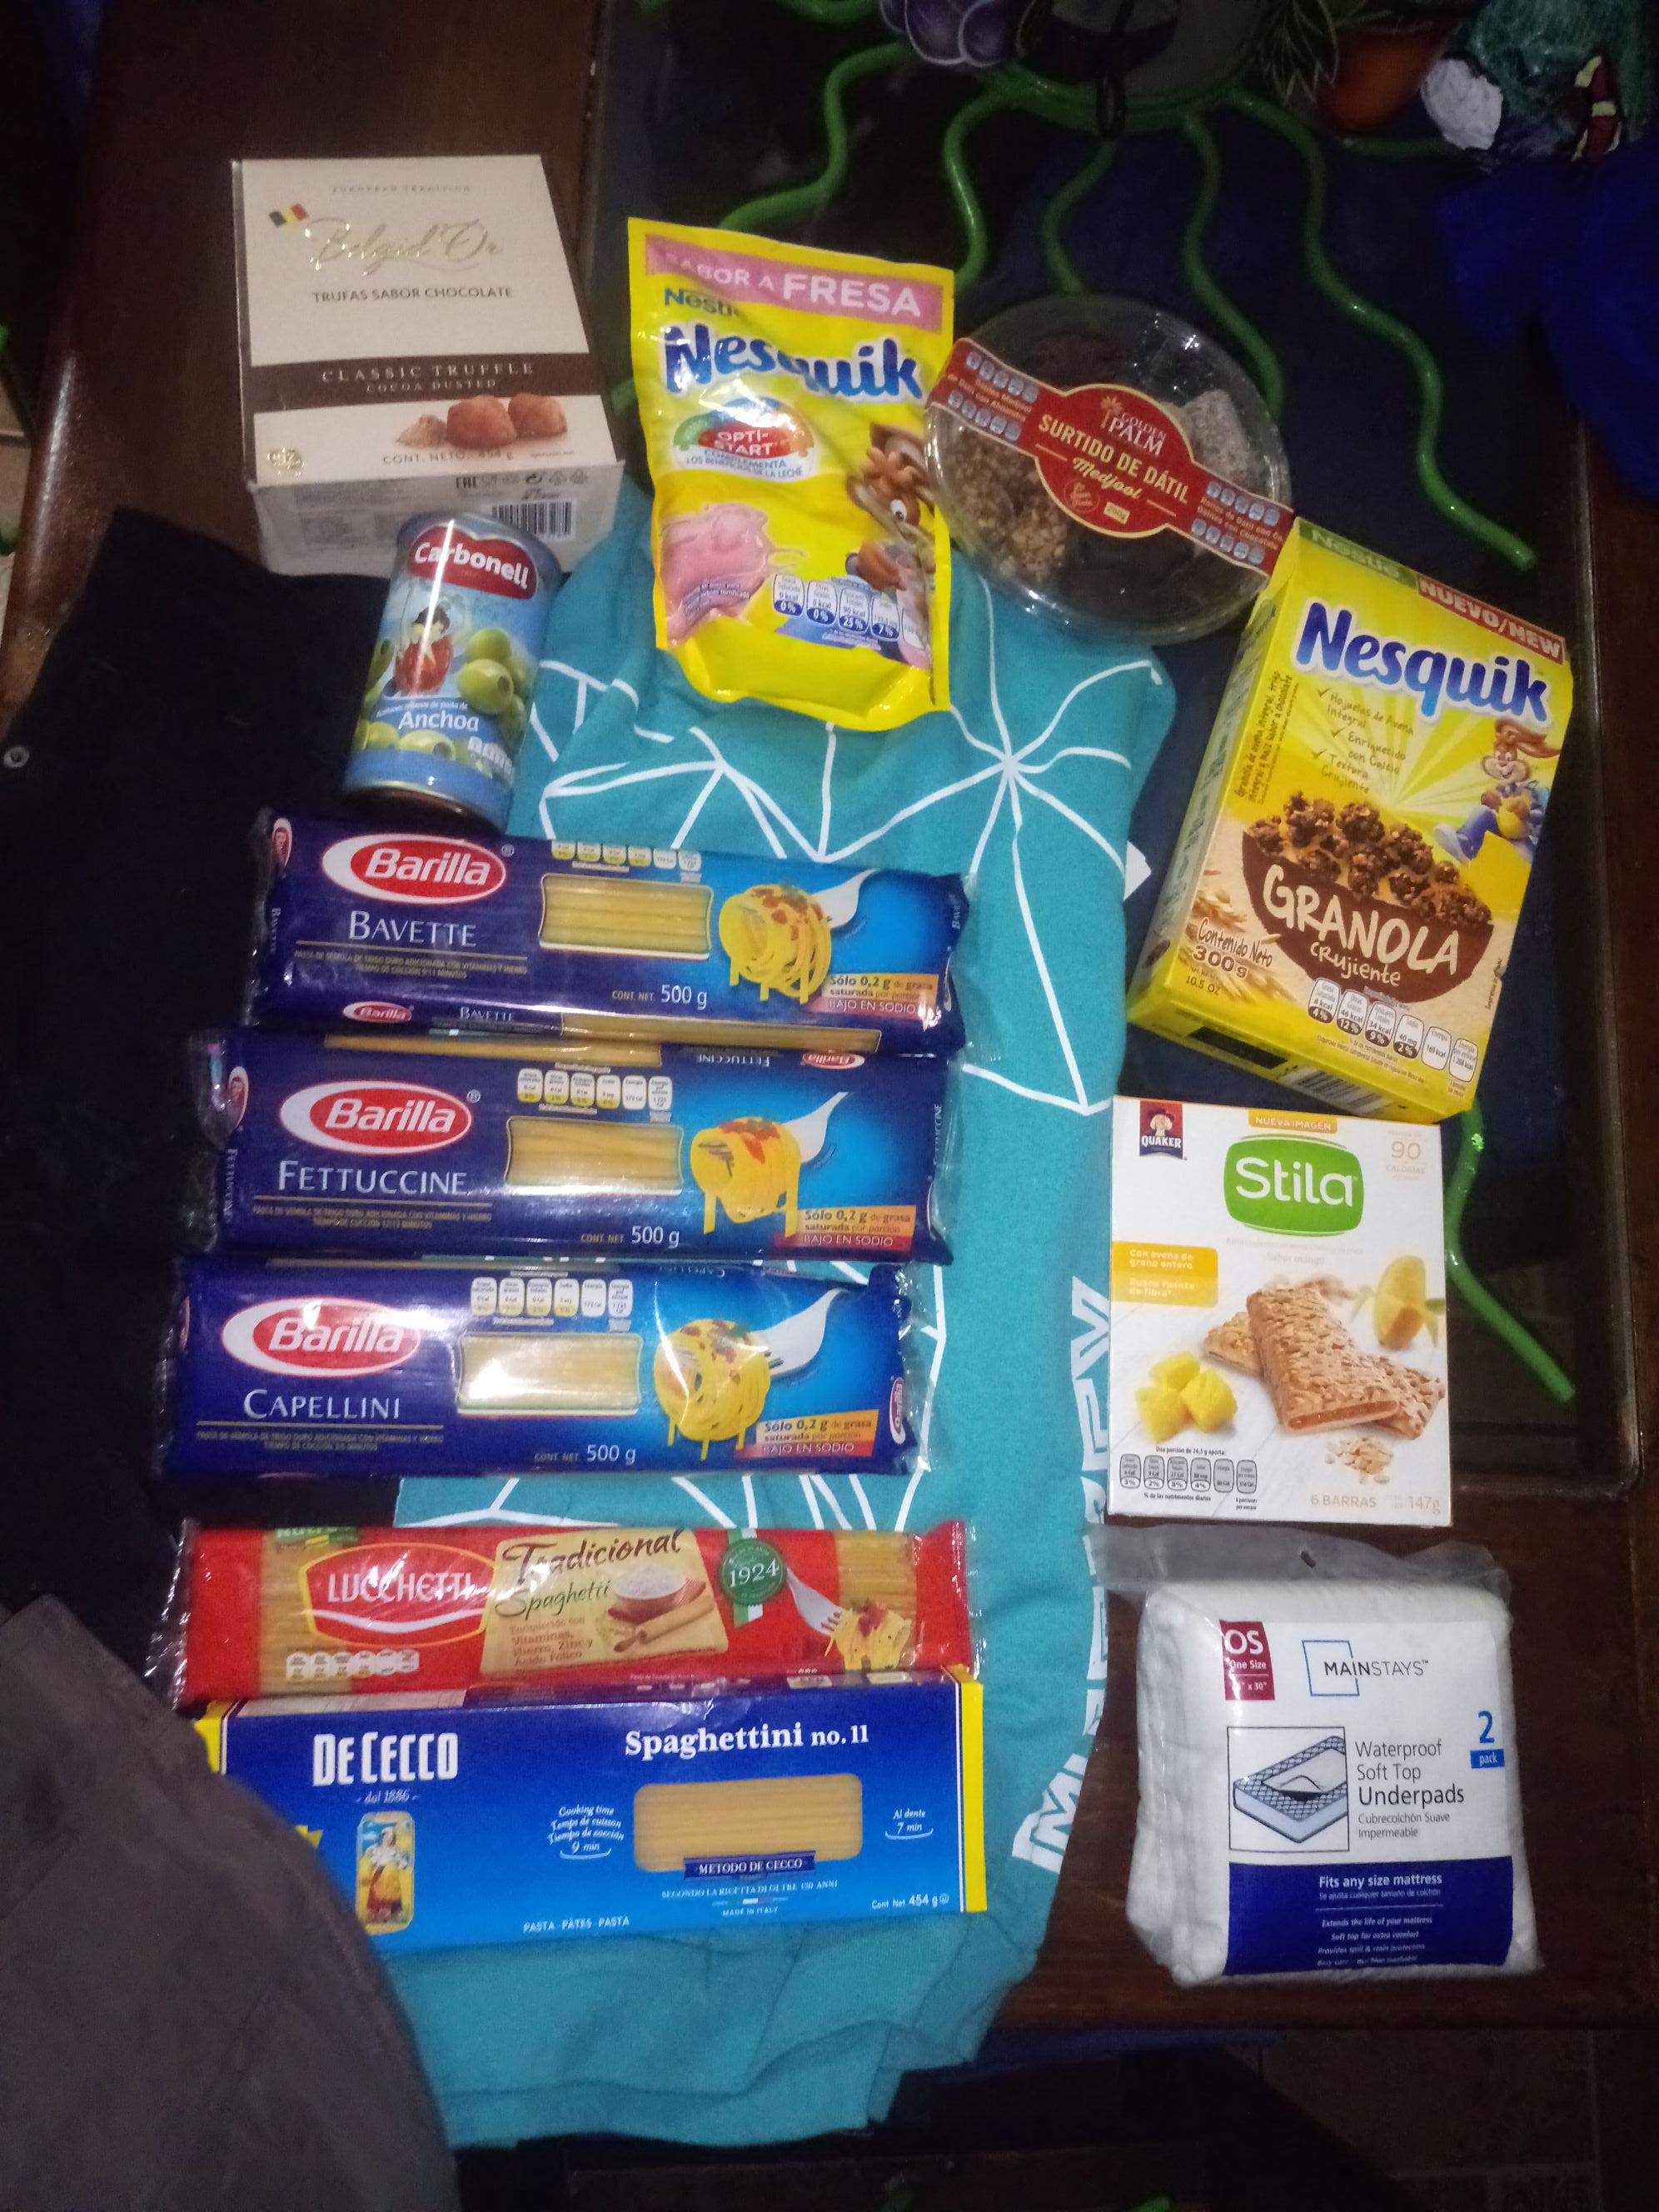 Walmart Pilares Metepec: Nesquik granola 300gm  en $5 pesos